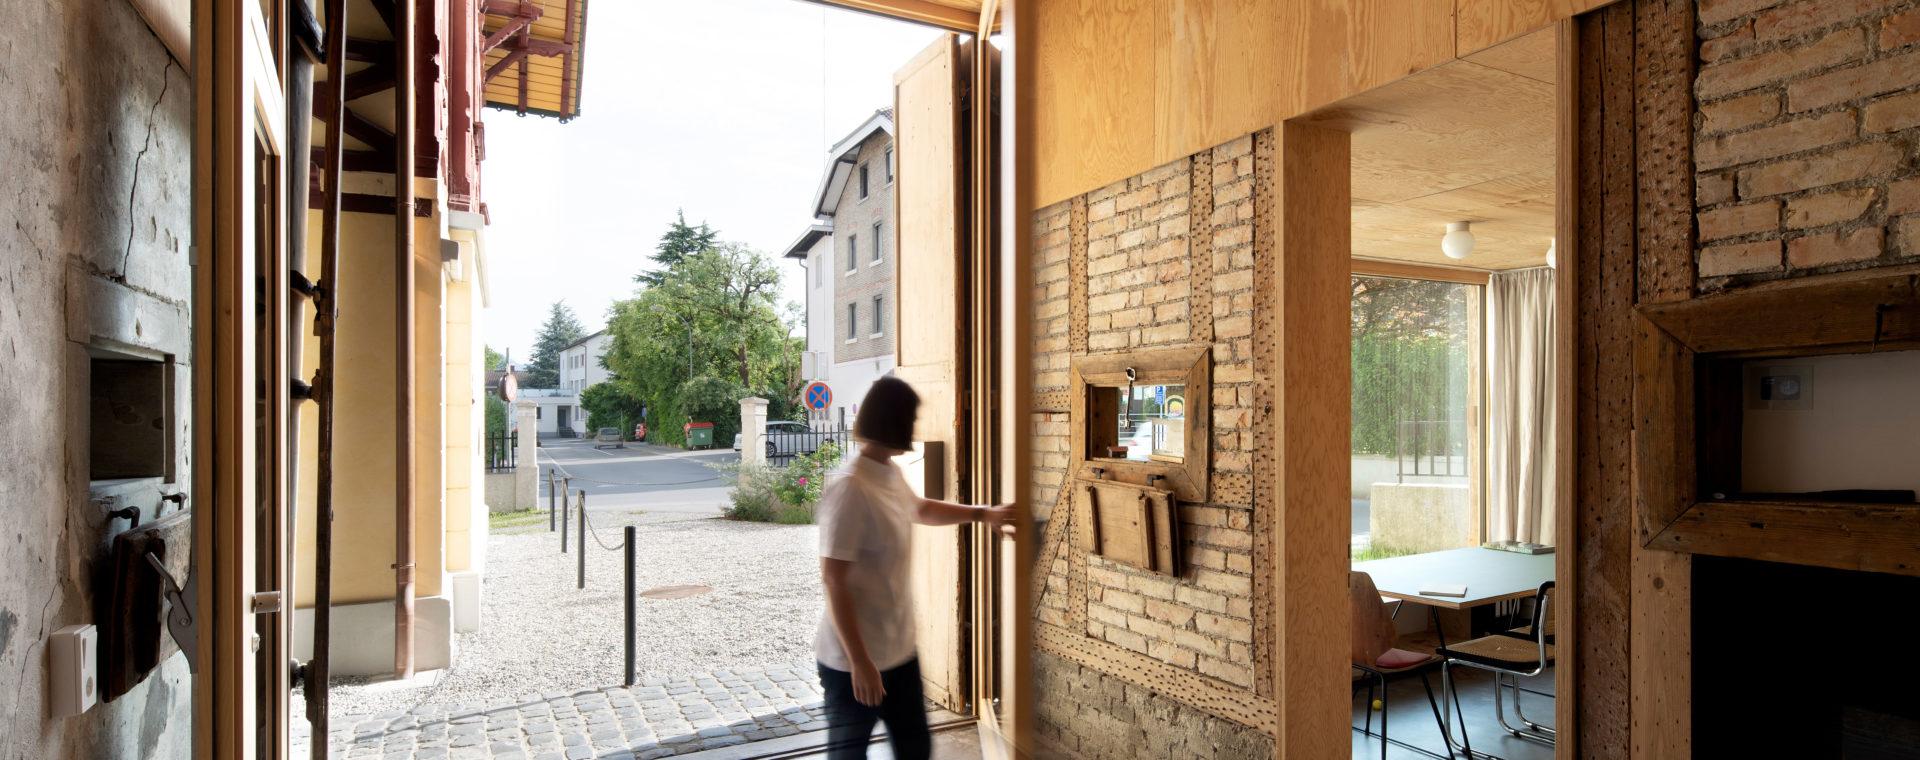 Oeconomie-Gebäude Josef Weiss, Dornbirn, nach der Sanierung, CR Angela Lamprecht